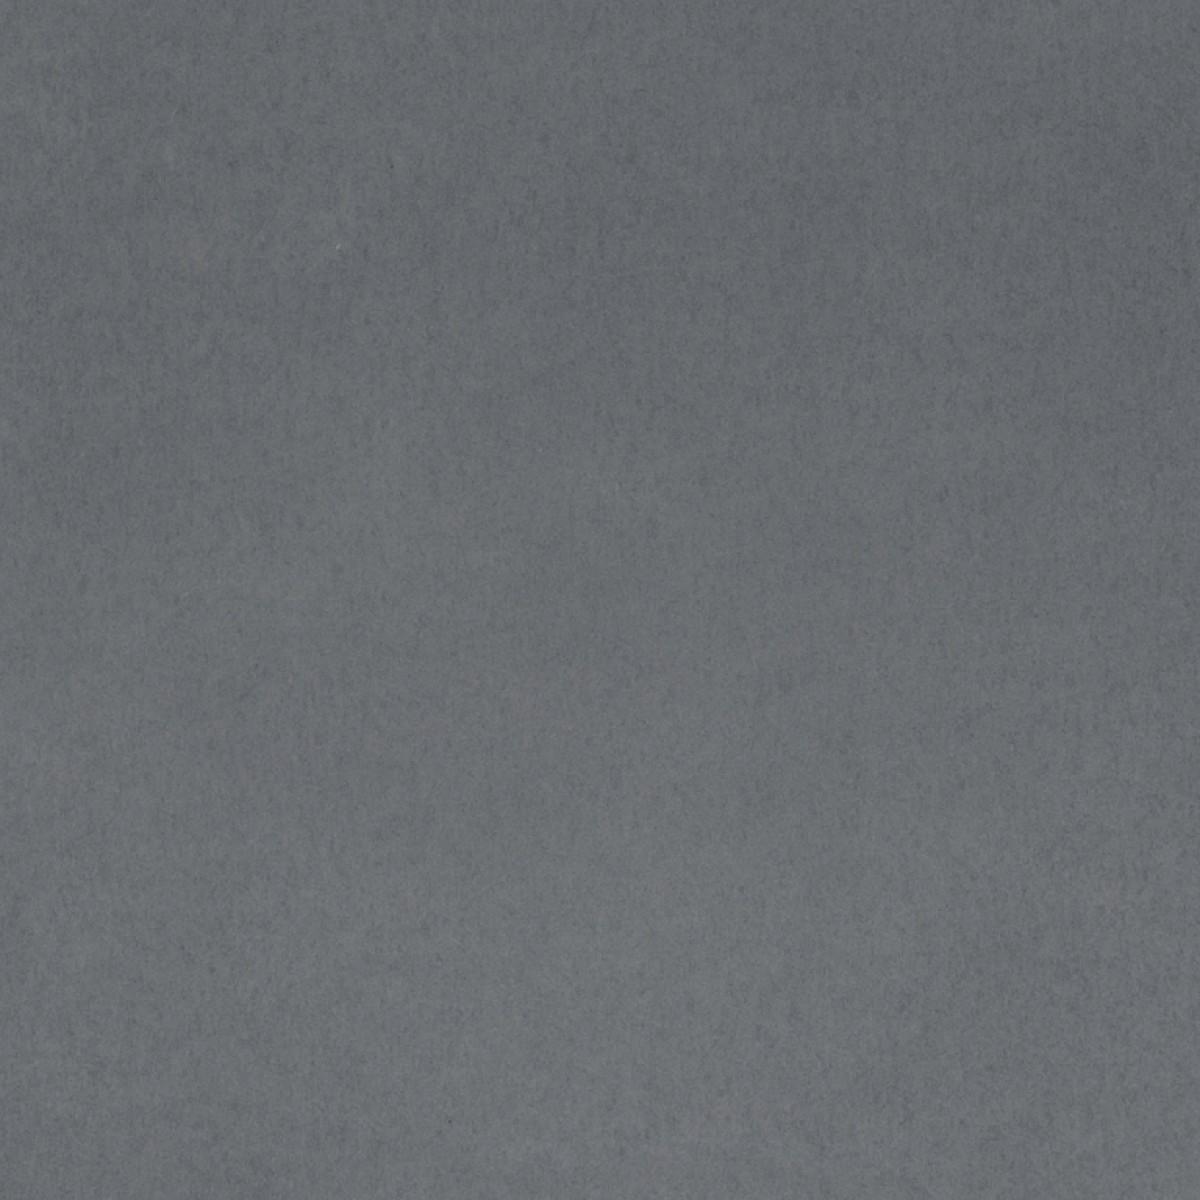 Paperstone Countertop Graphite